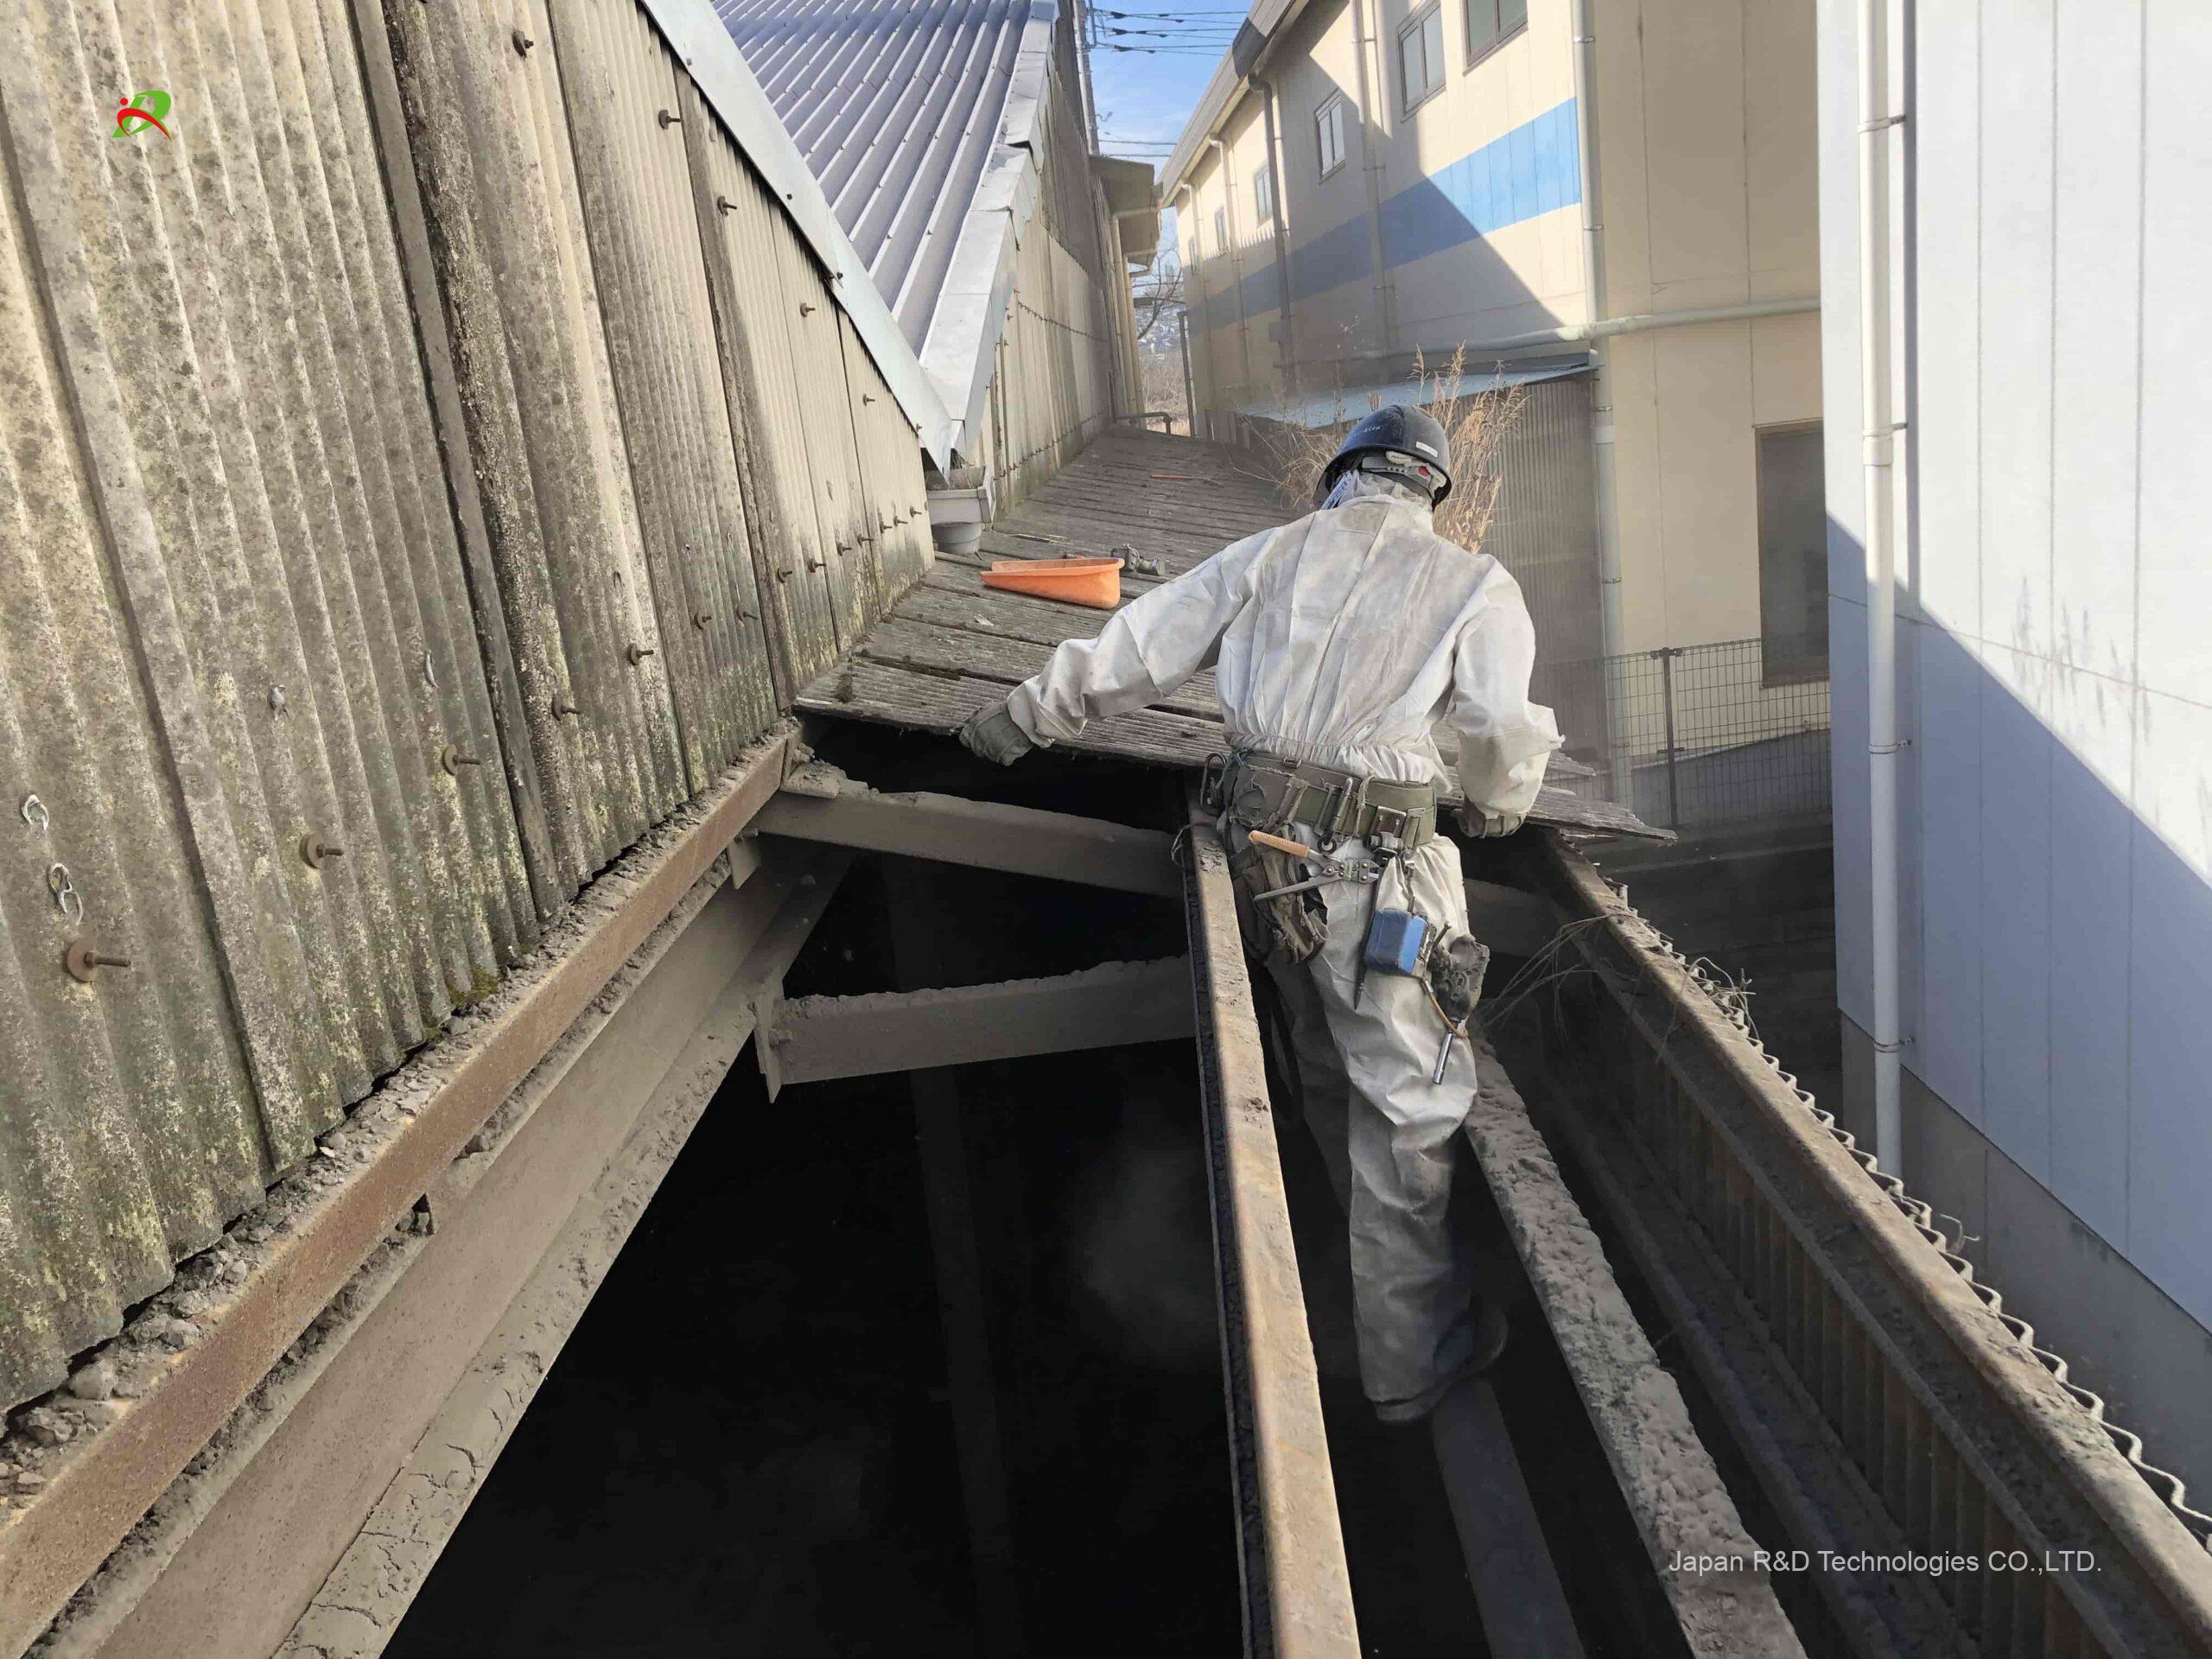 府中市 四谷 アスベスト含有スレート材撤去工事